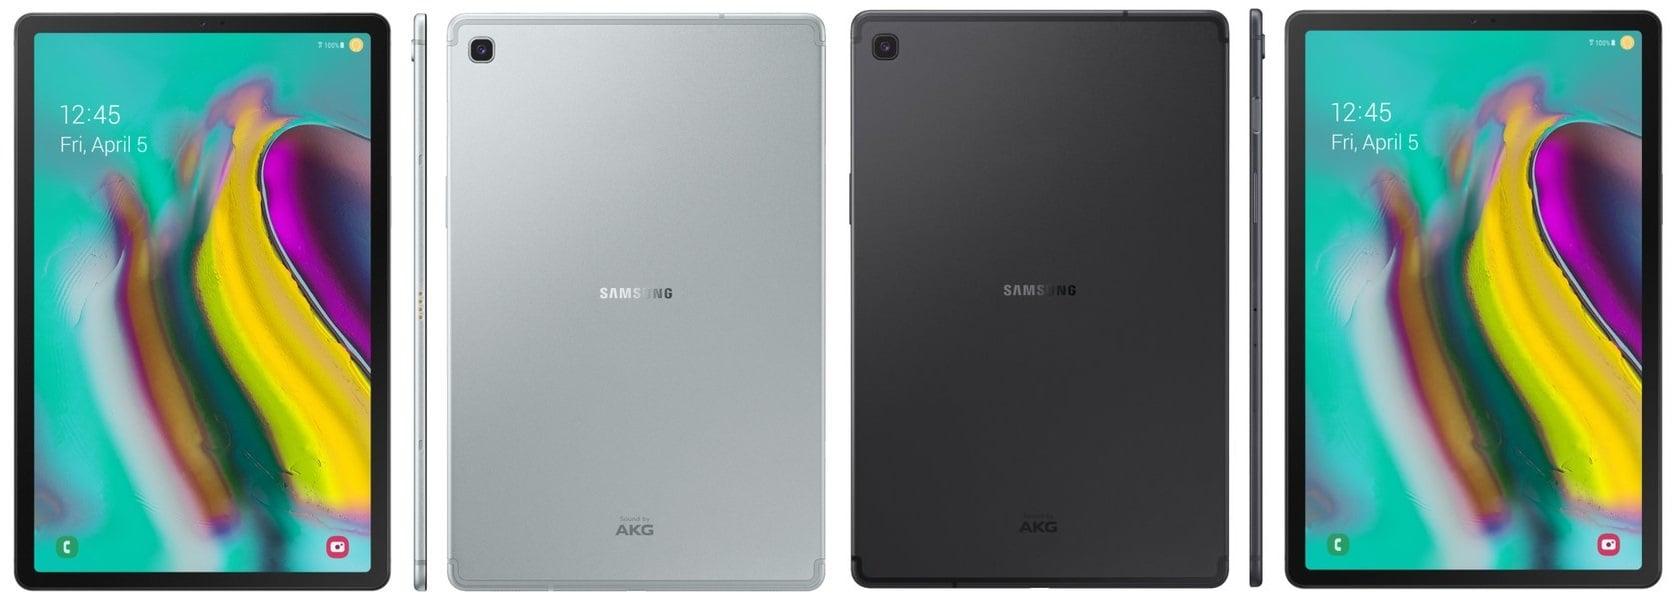 Samsung szykuje dwa nowe tablety: Galaxy Tab S5e i Galaxy Tab A3 XL